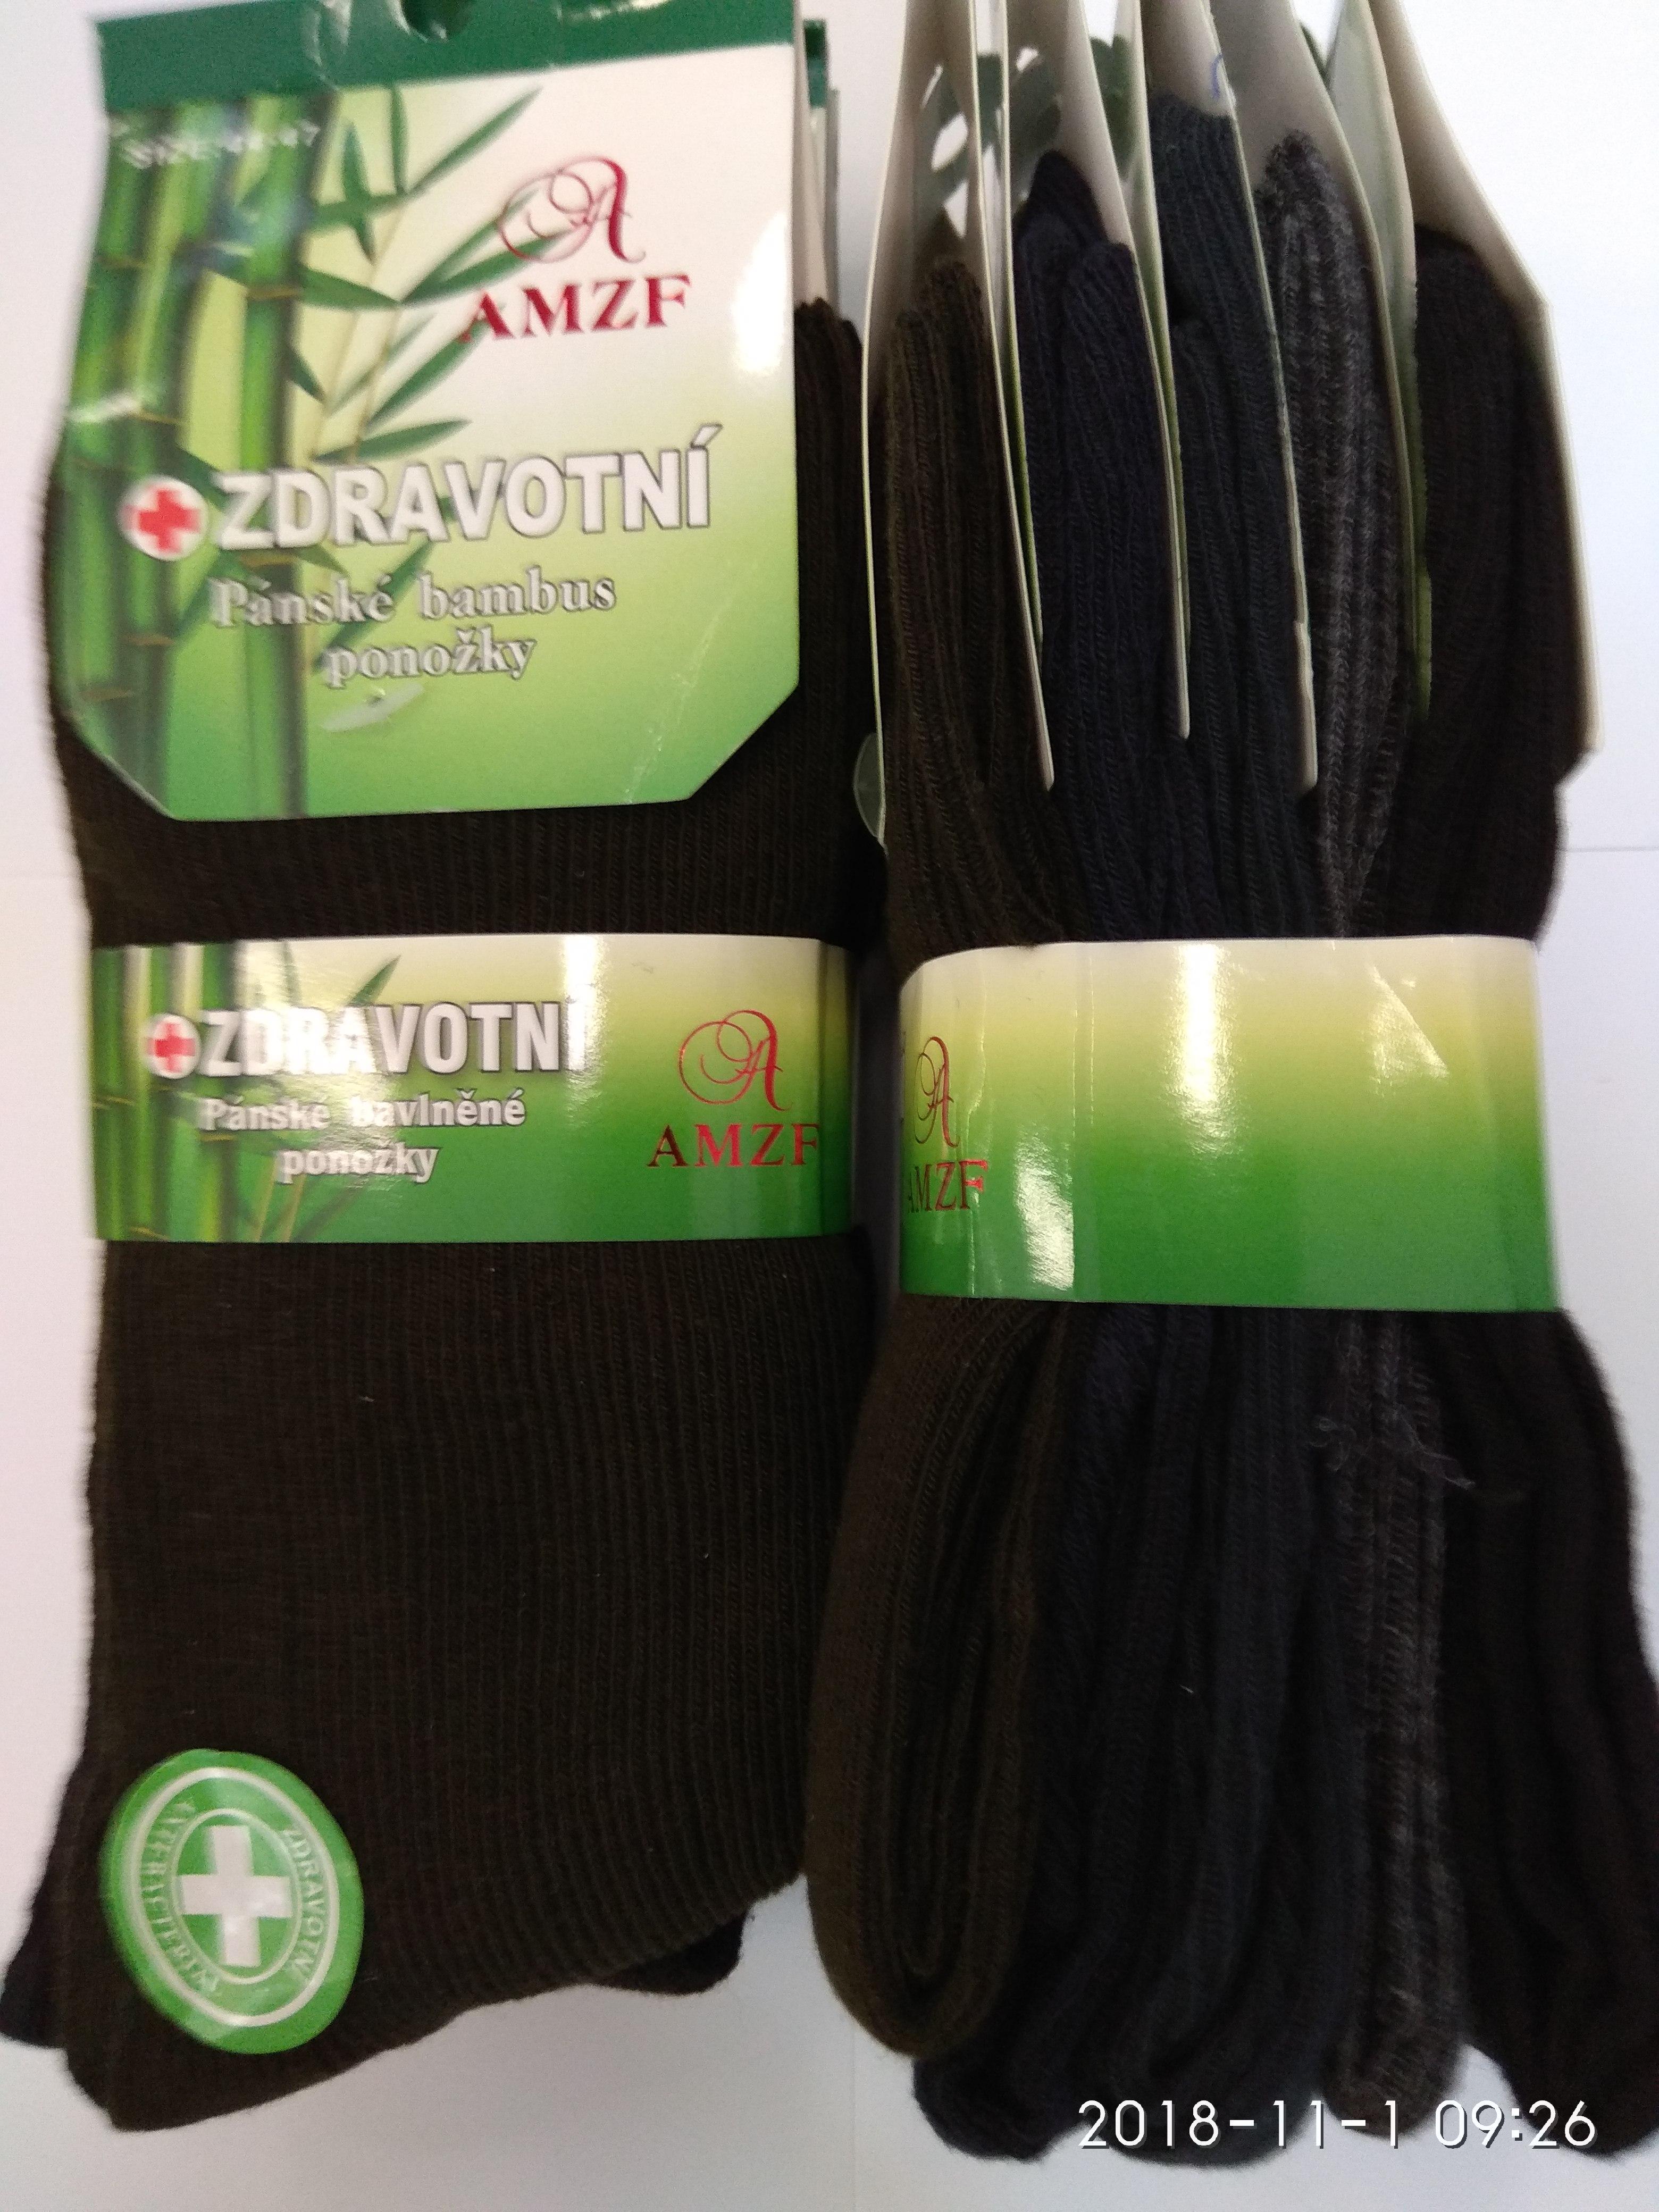 07a00666f4e Pánské ponožky BAMBUS zdravotní 5.párů AMZF